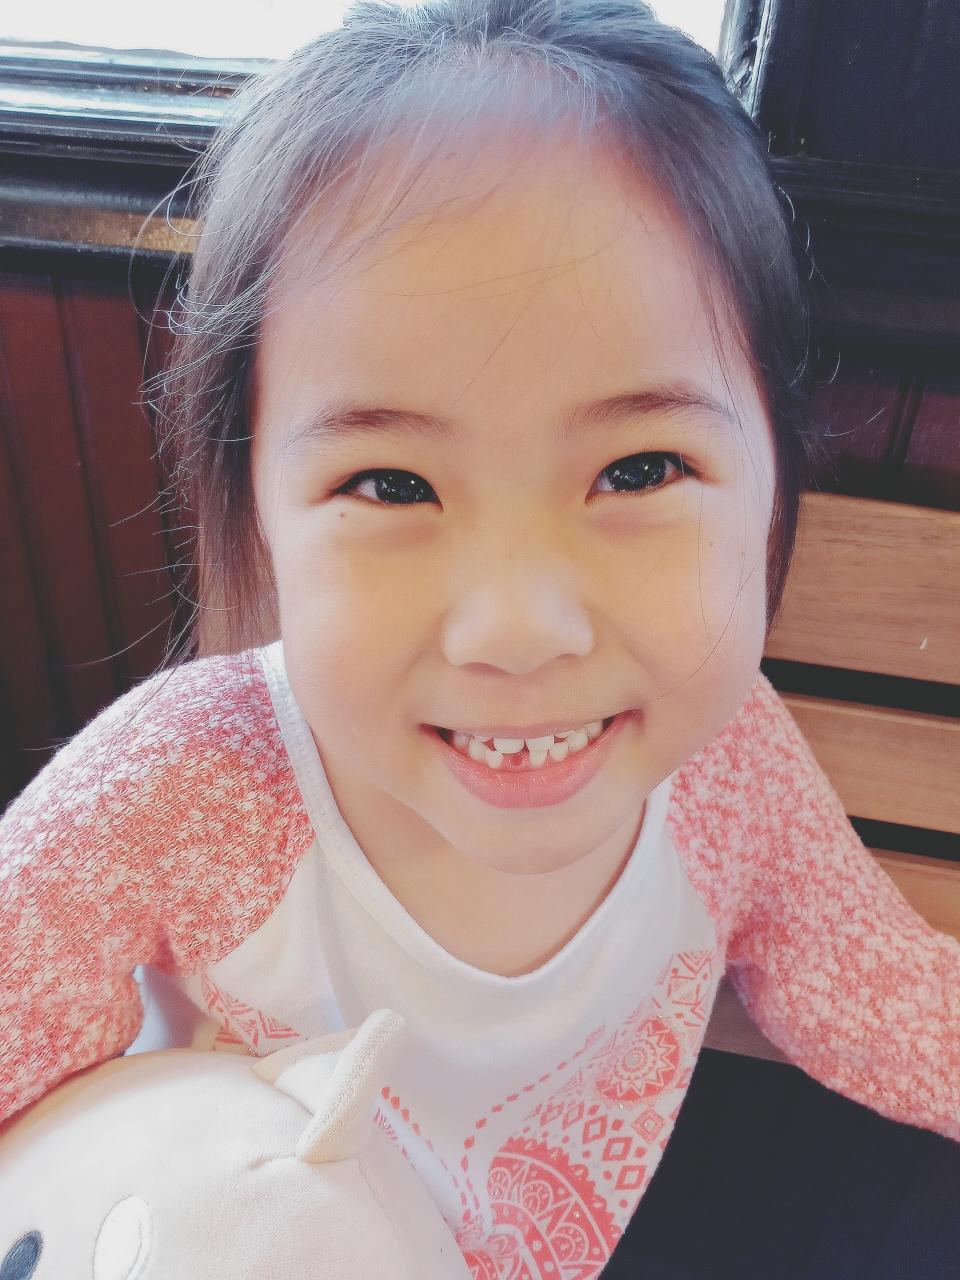 5歳児、初めて歯が抜けた🙌